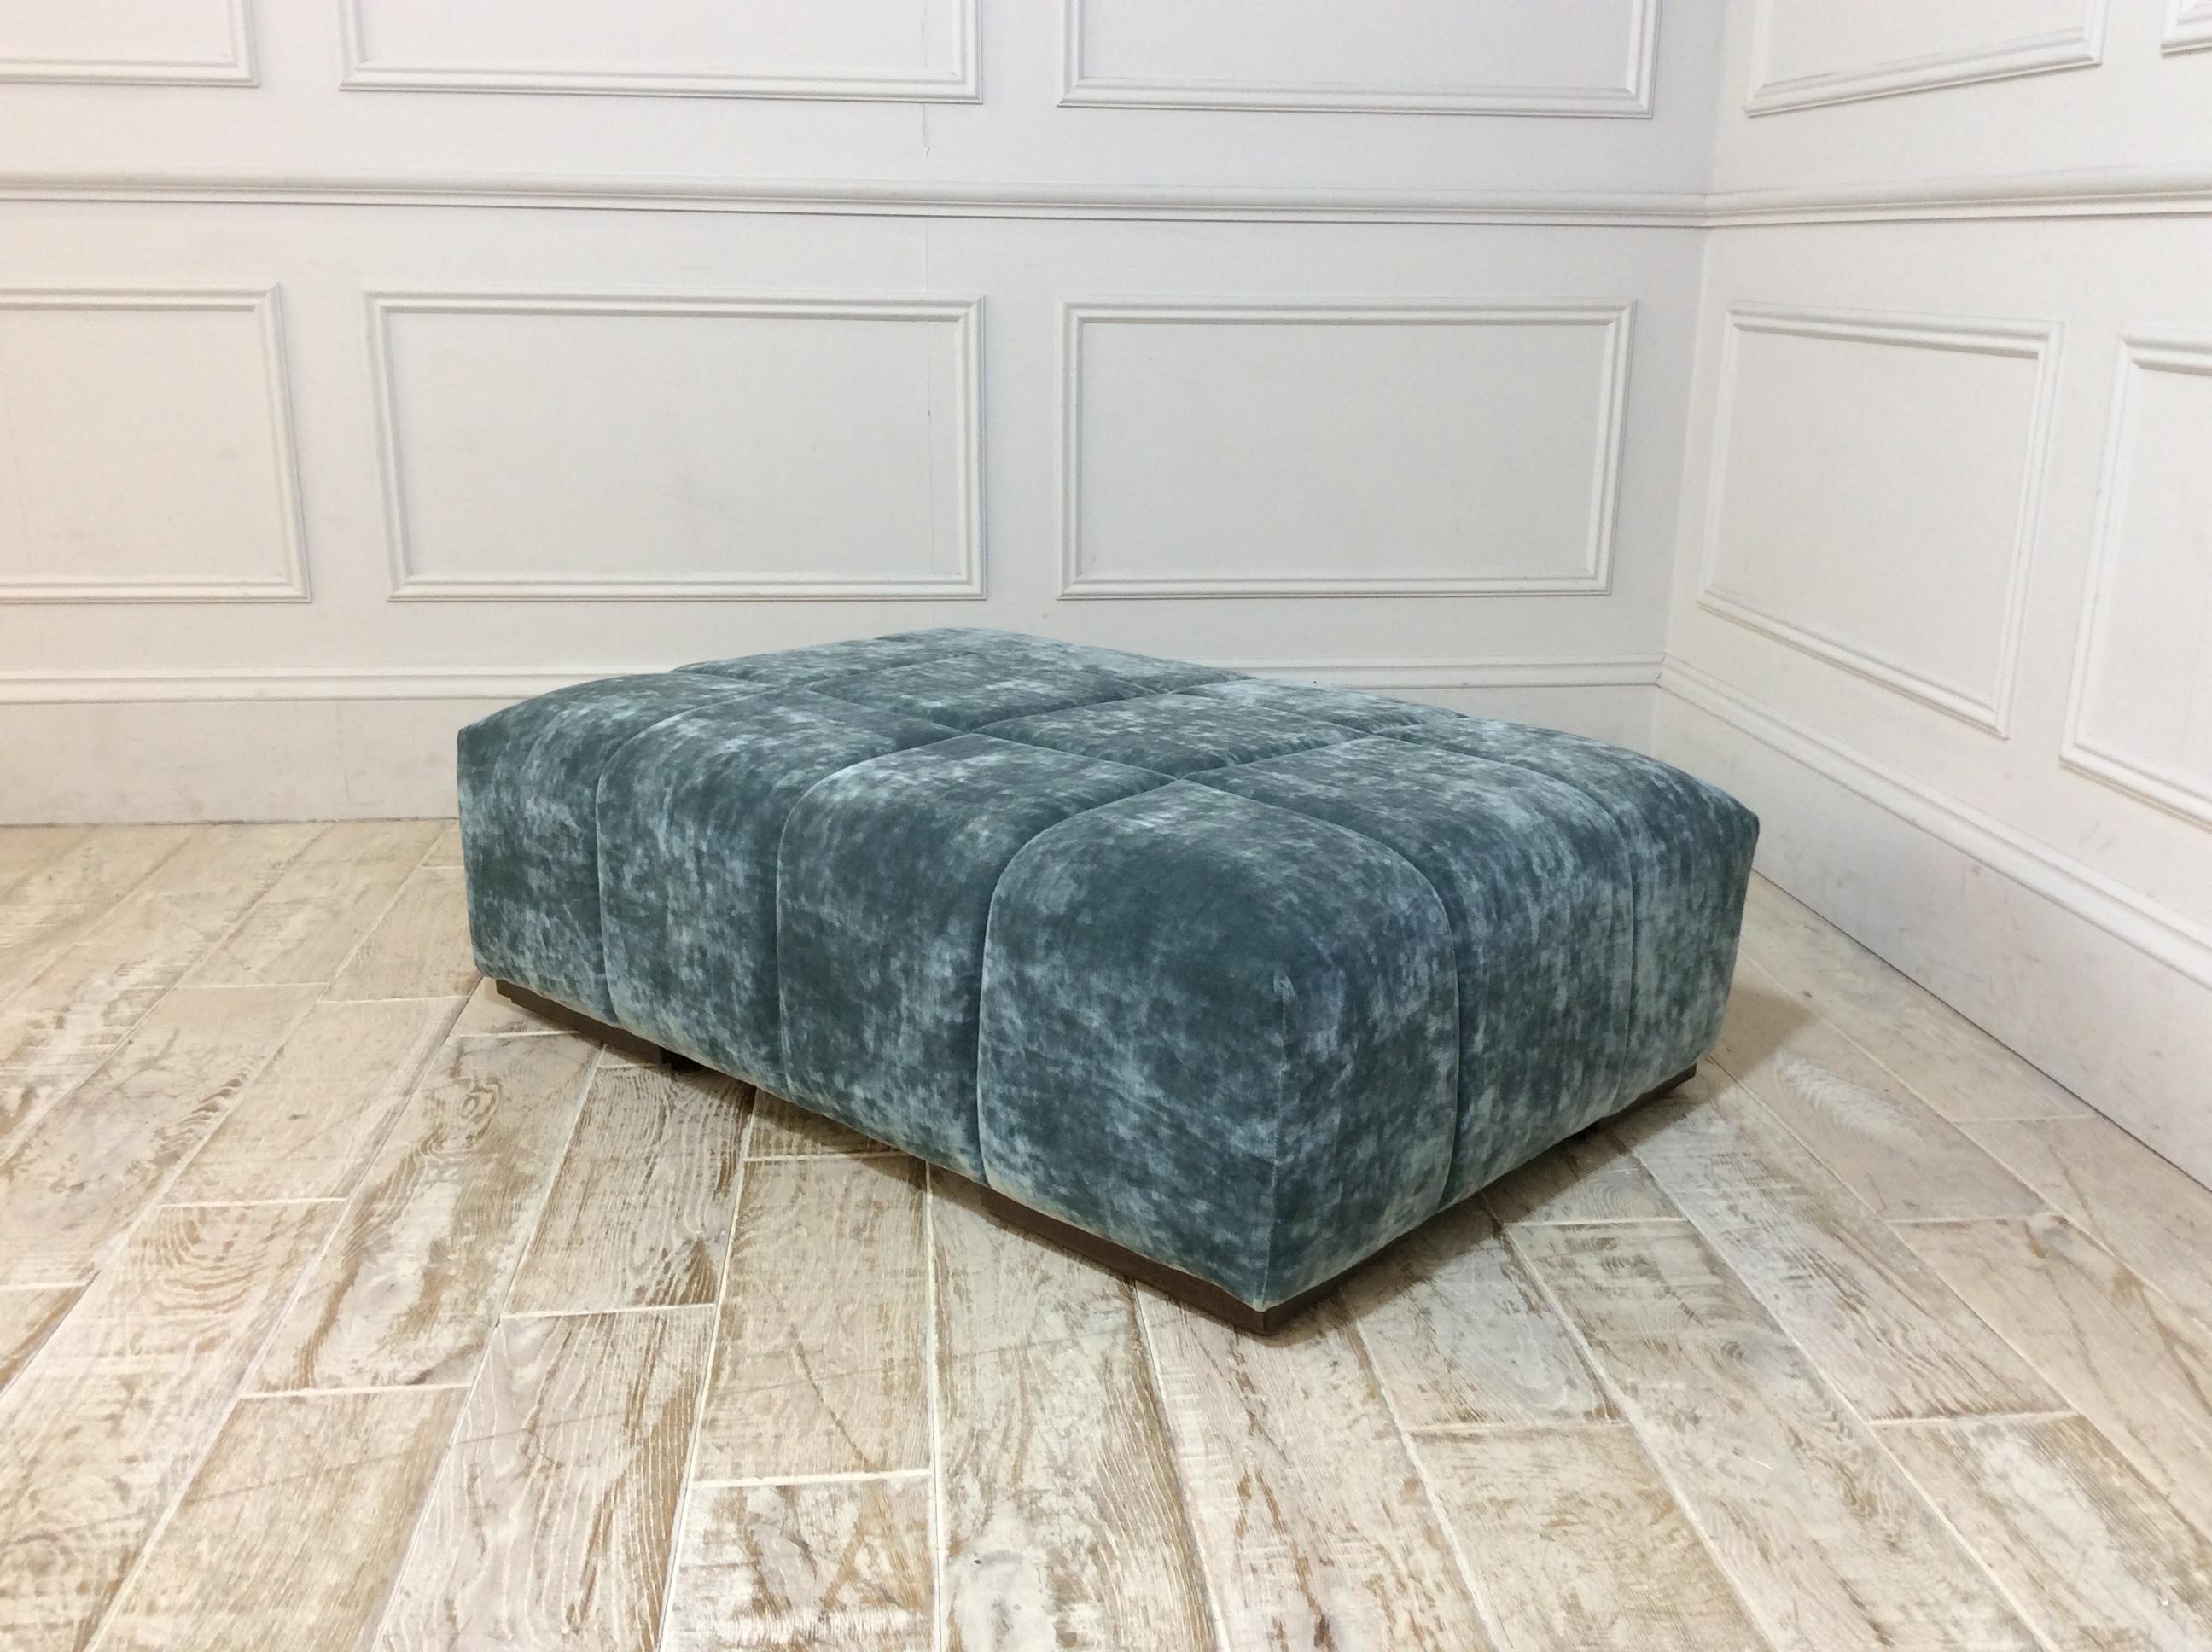 Epping Large Footstool in Vintage Velvet Ocean